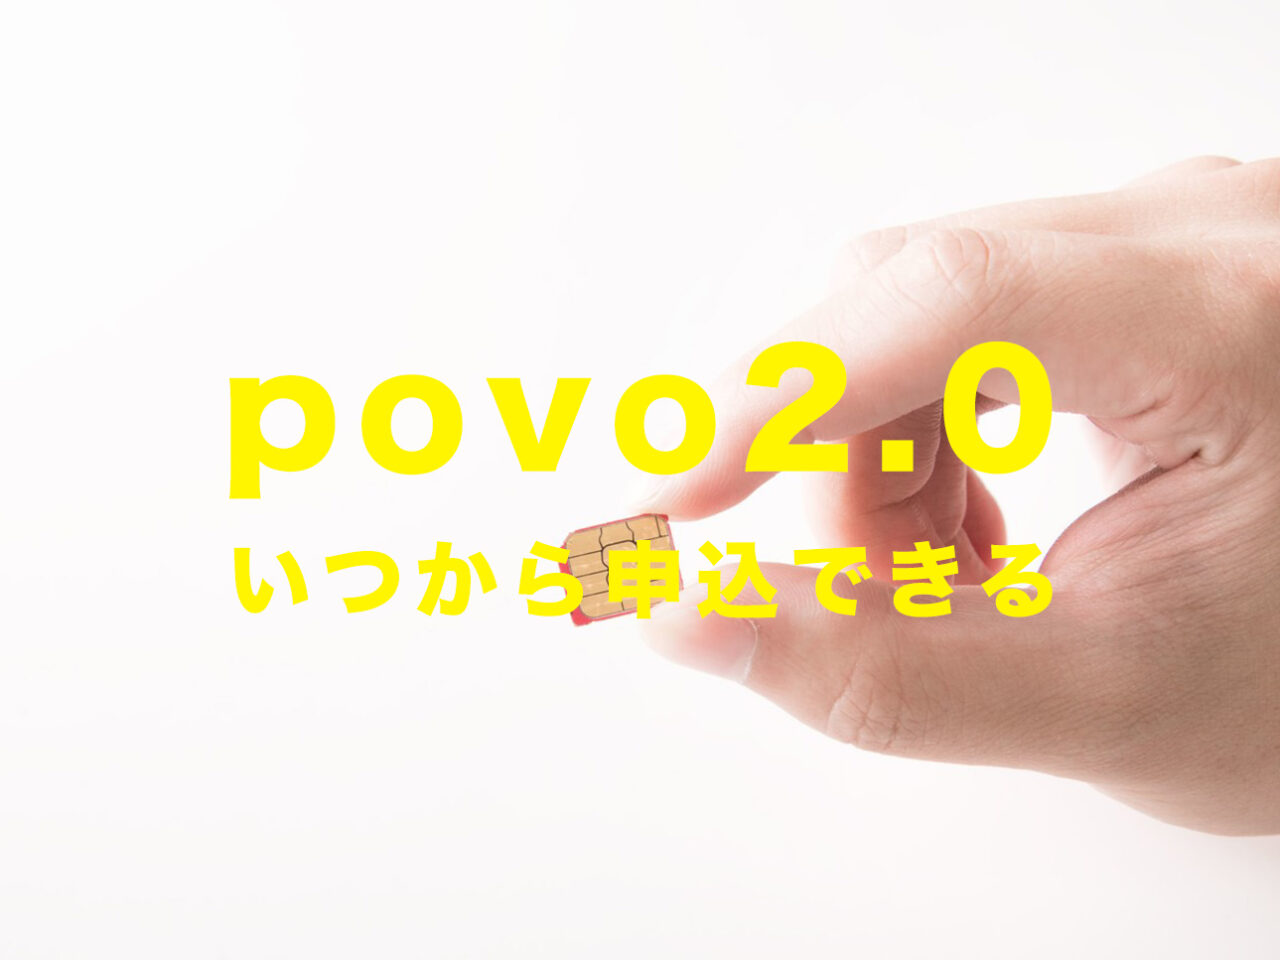 povo 2.0はいつから申し込みできる?ポヴォ新プラン登場!のサムネイル画像